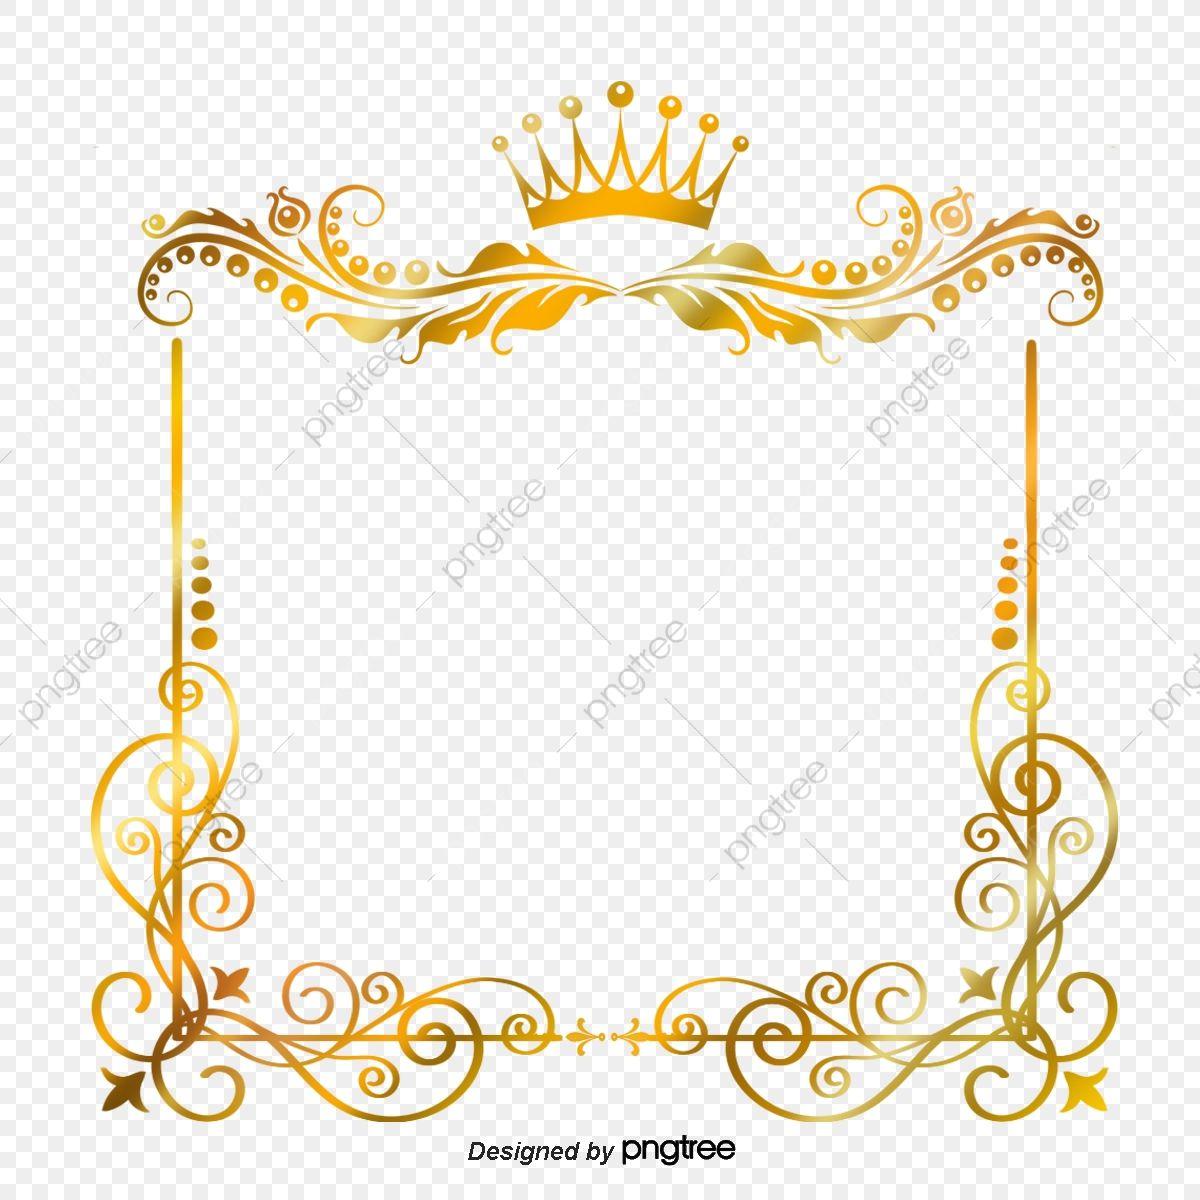 El Marco Cuadrado Corona De Oro Rectangulo Dibujo Diseno Png Y Psd Para Descargar Gratis Pngtree Rose Gold Square Prints For Sale Gold Crown